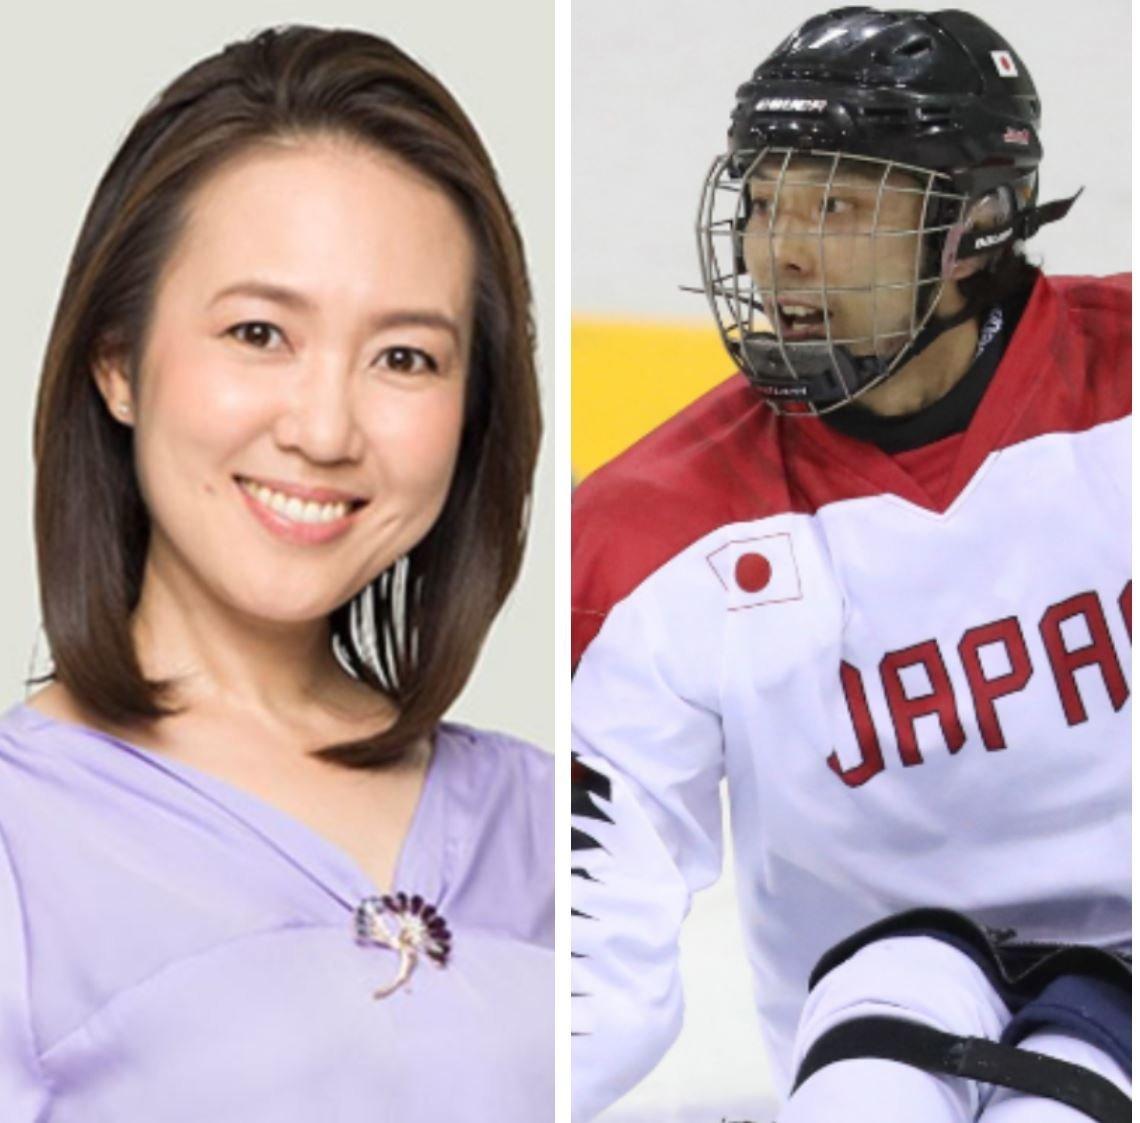 TBS高畑百合子アナが結婚。平昌パラリンピック出場の堀江航選手と「文字通り二人三脚で、毎日を力強く歩んでいきたい」